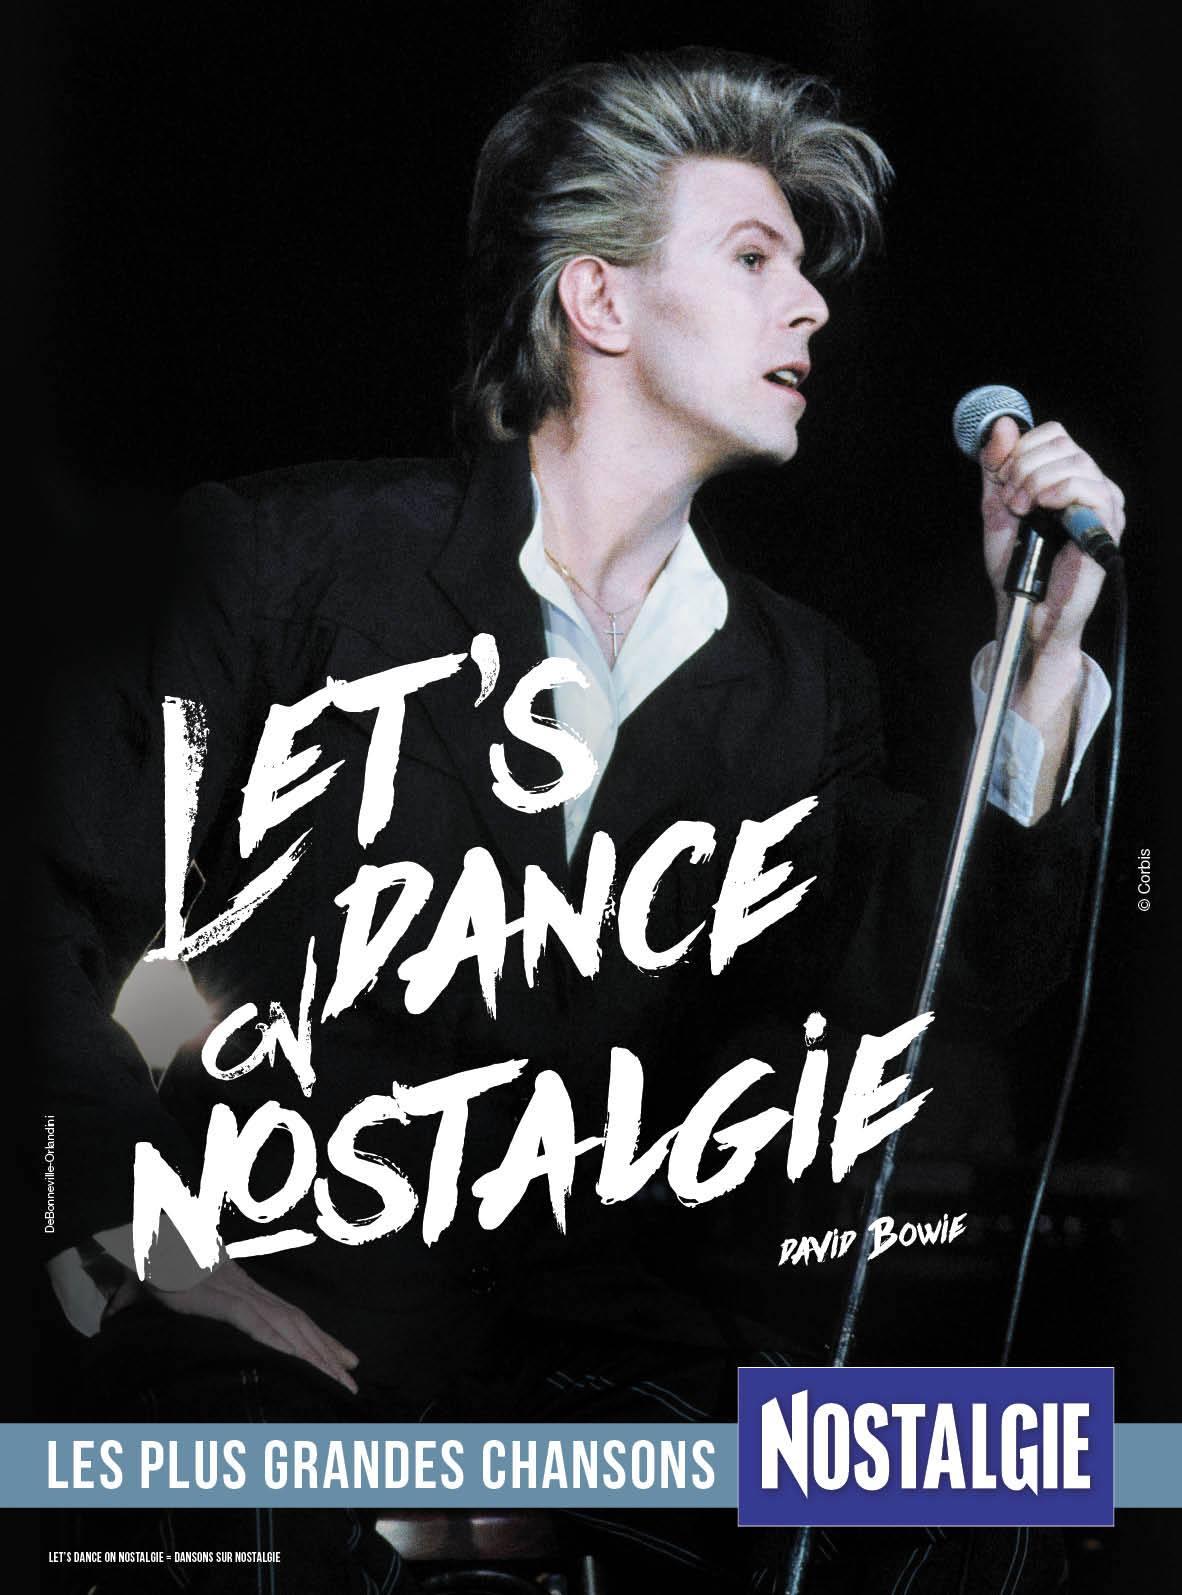 Nostalgie en chansons pour sa nouvelle campagne